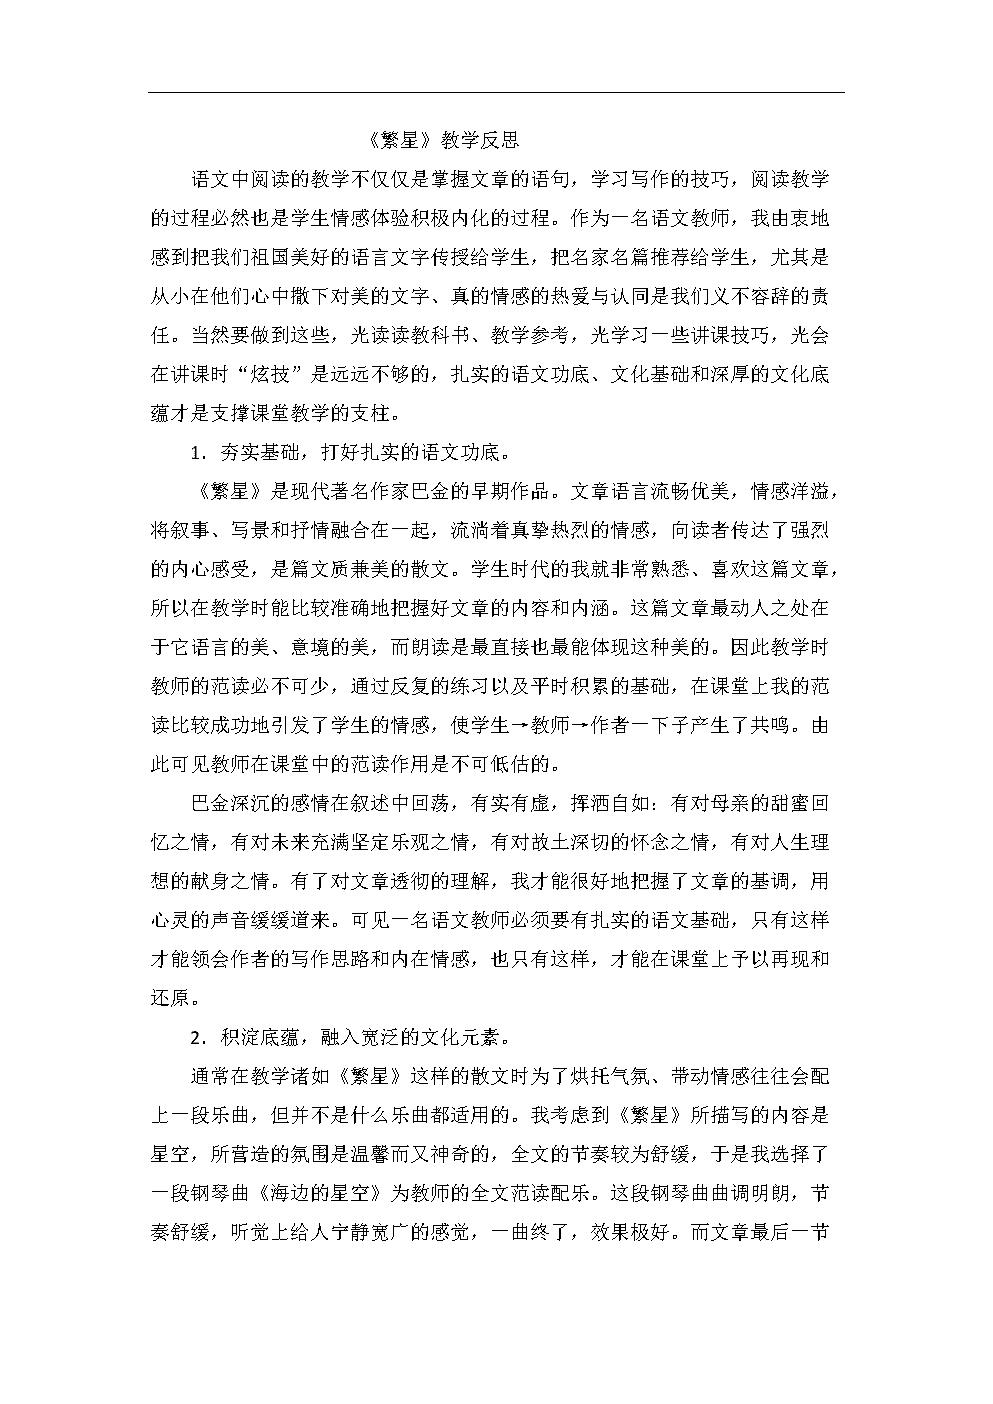 五年级上语文教学反思繁星沪教版.doc